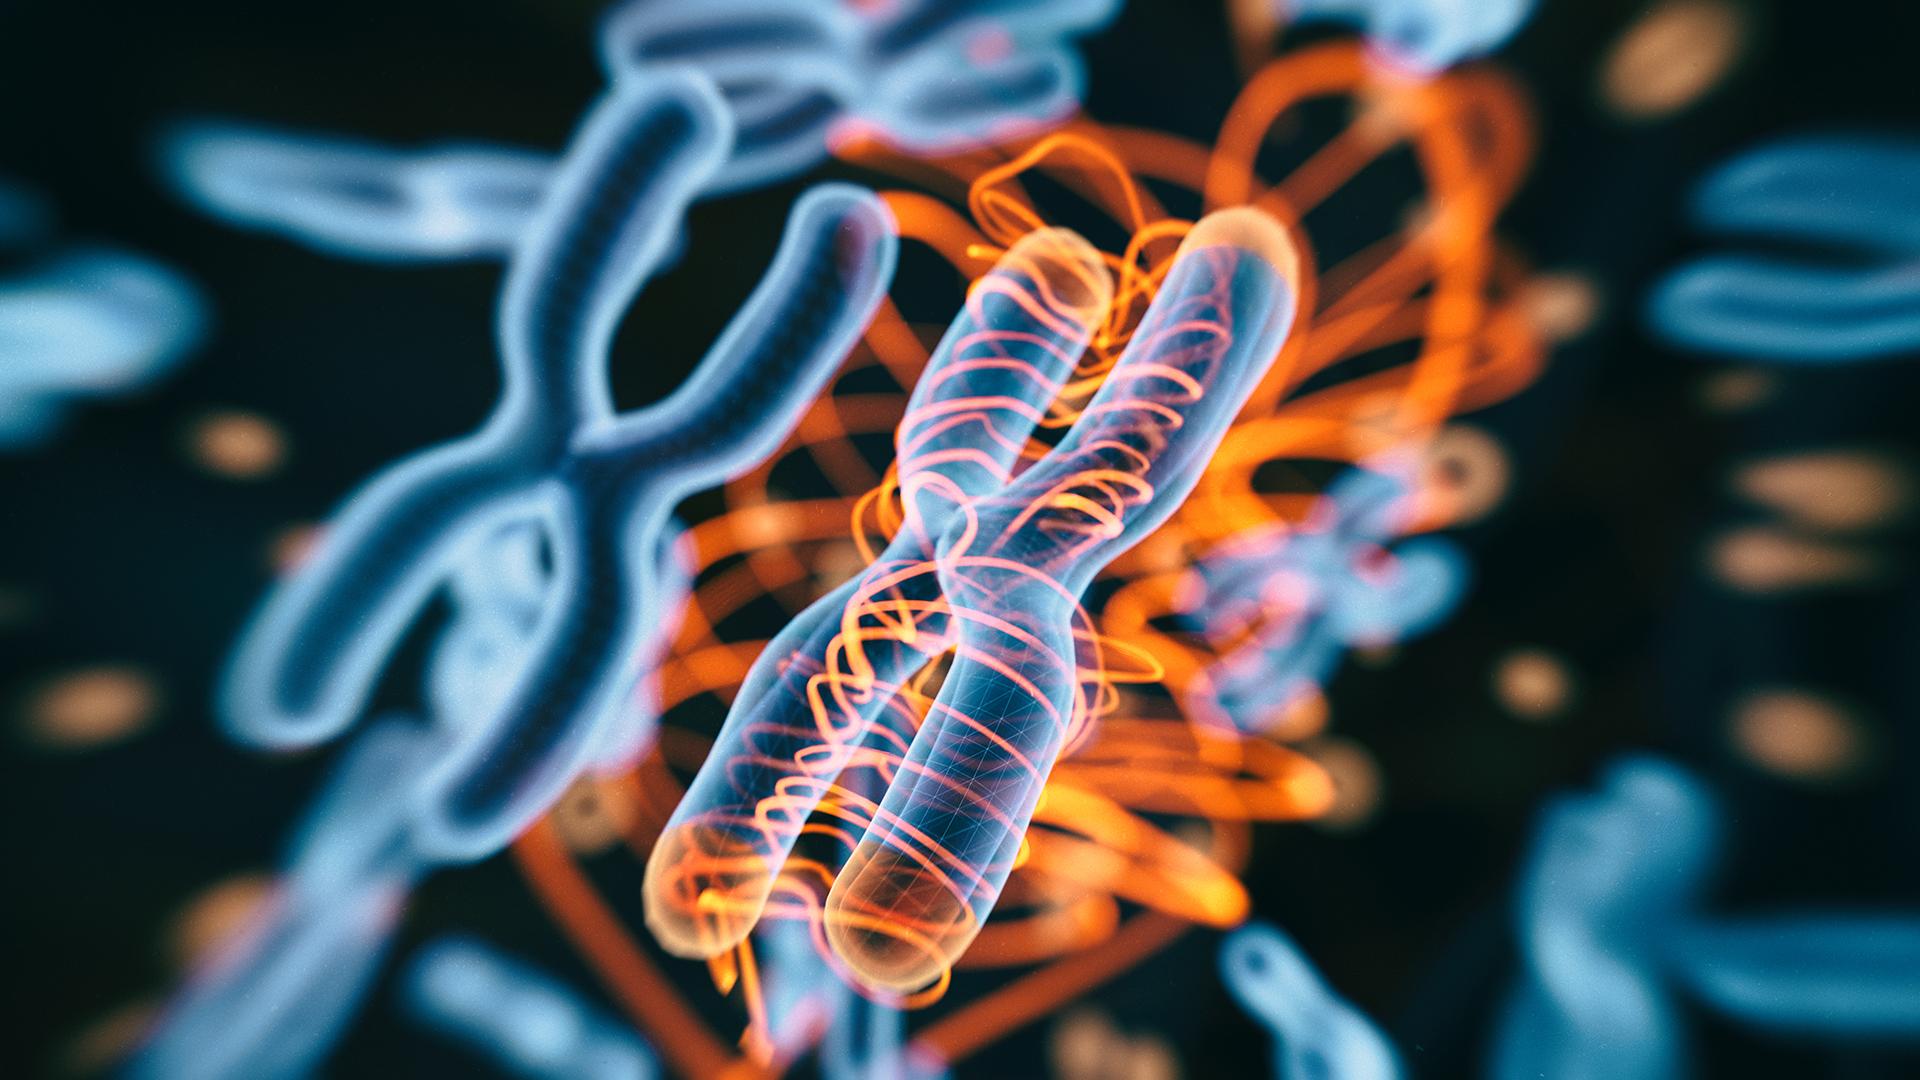 Momente-cheie în Știință: CRISPR-Cas9 folosit la oameni